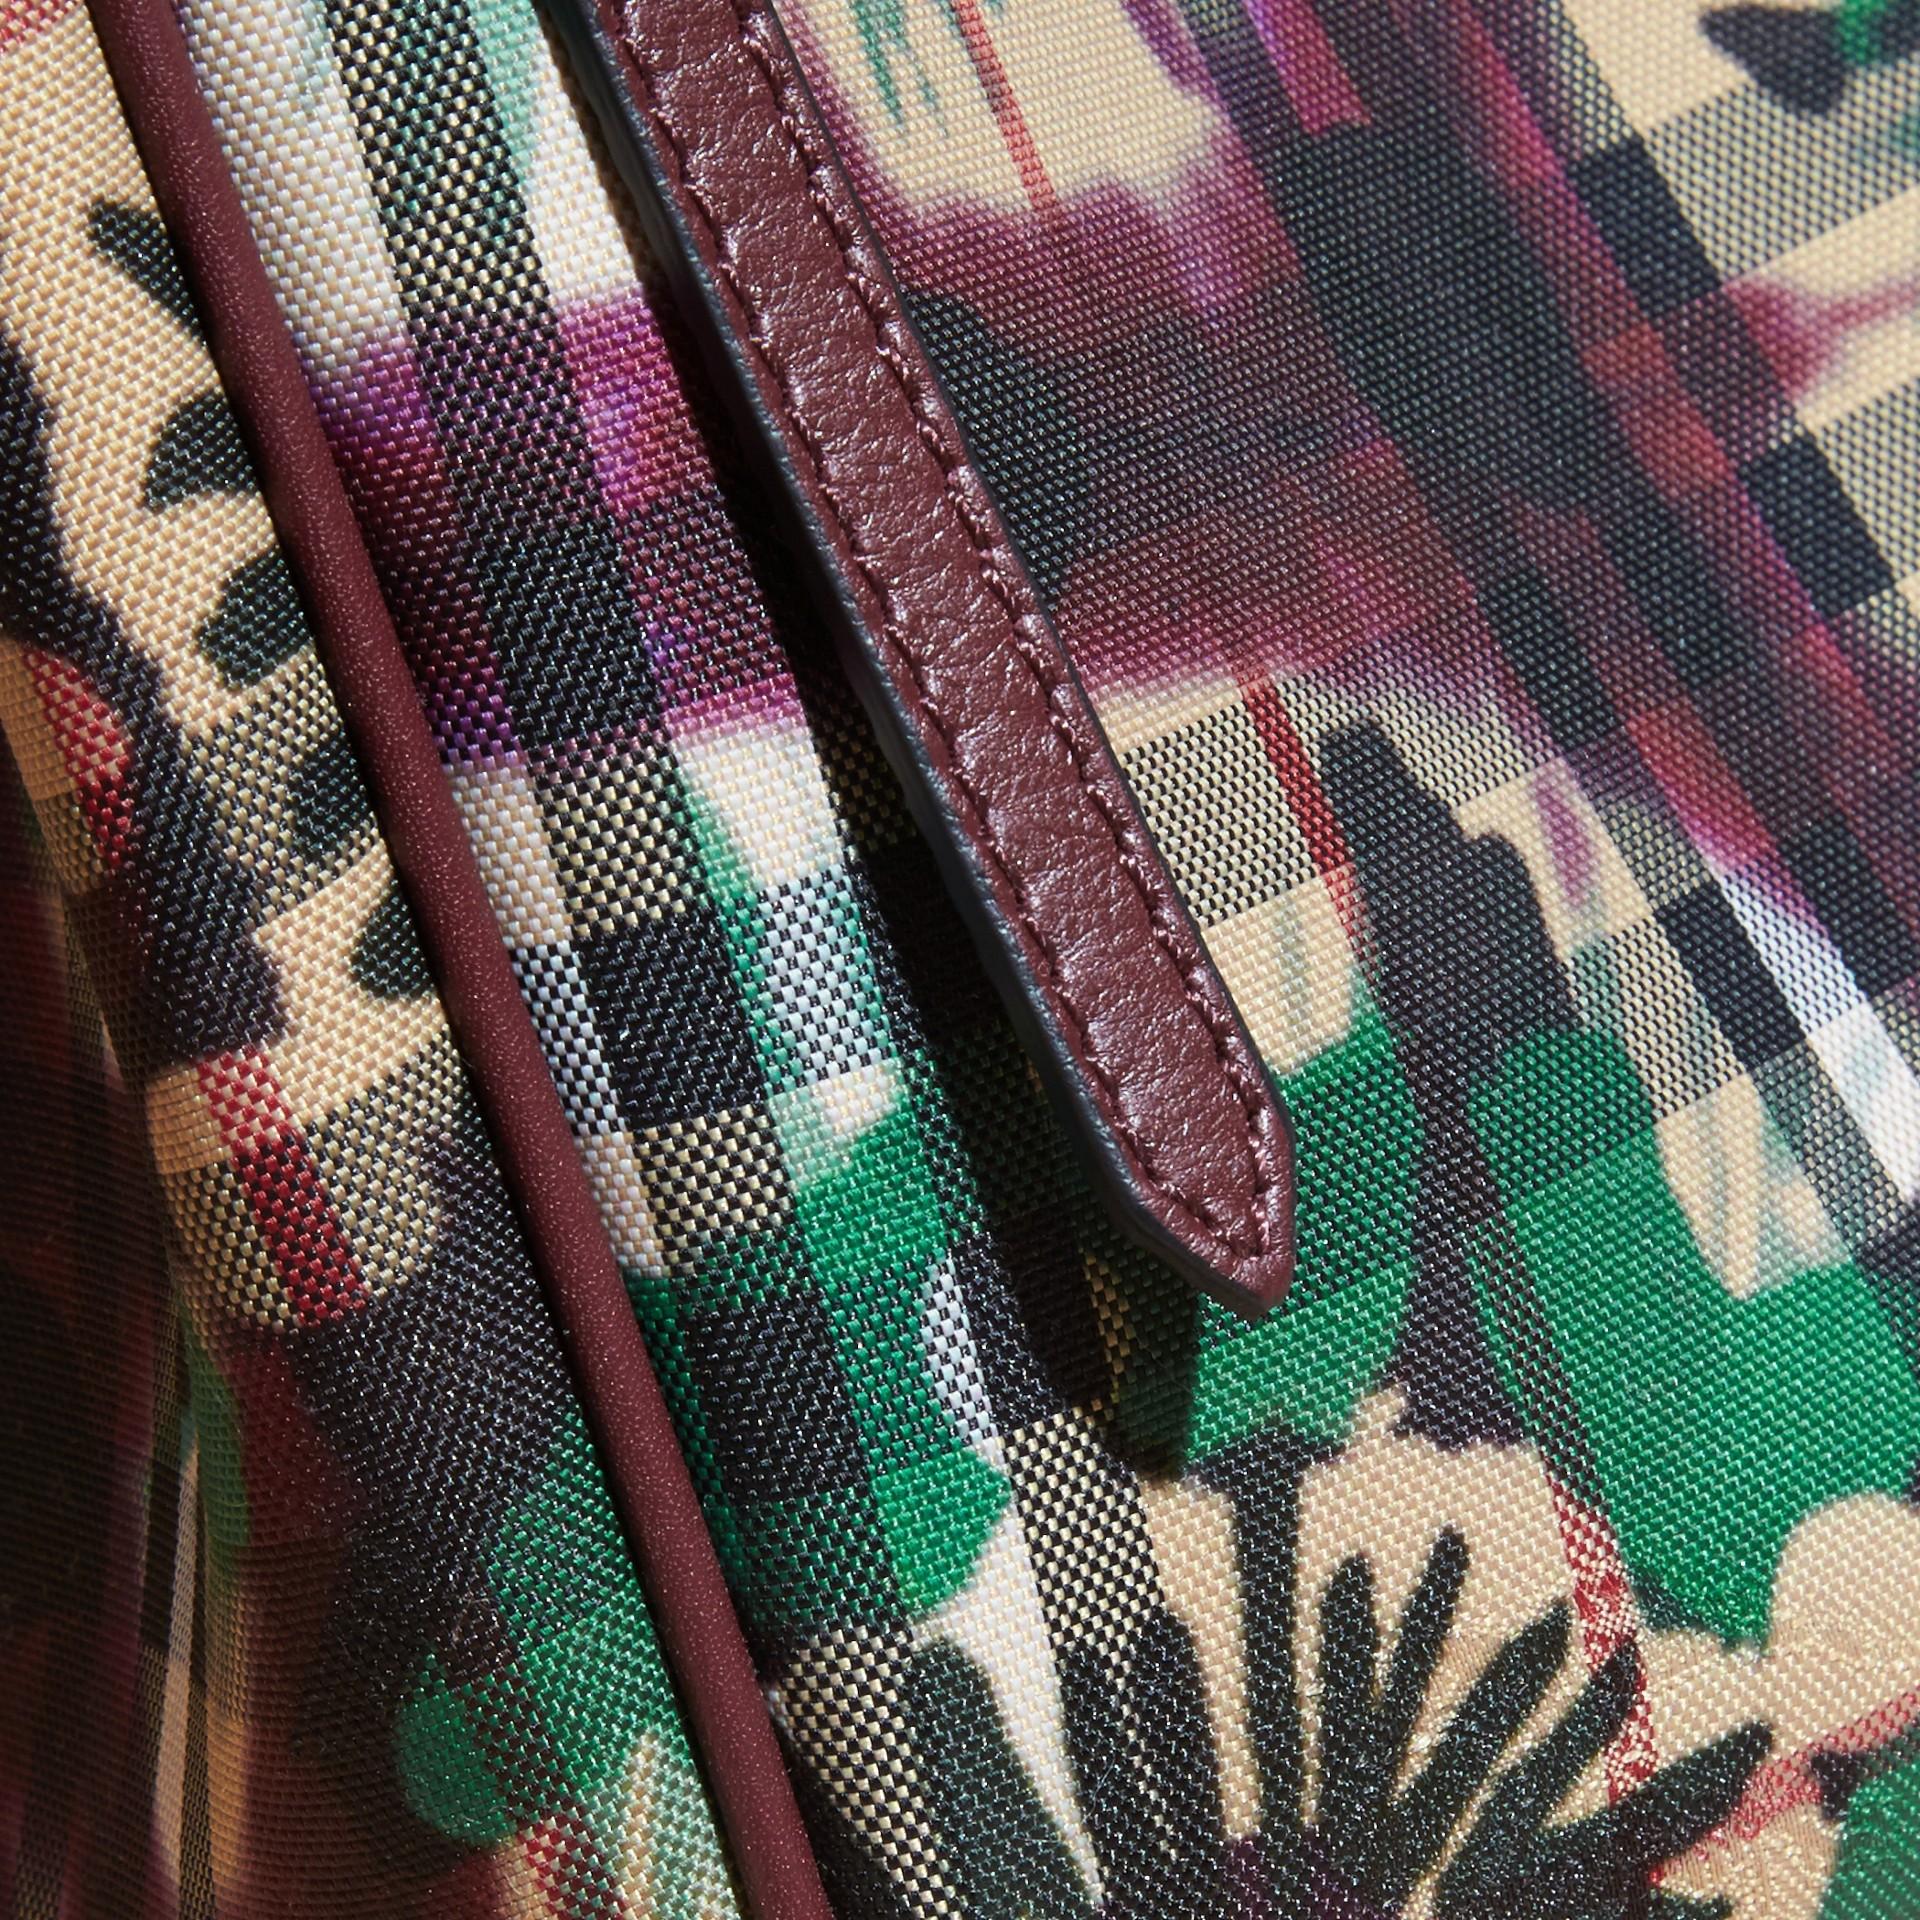 Bordeaux intense Petit sac The Canter avec imprimé floral façon tie and dye sur motif check Bordeaux Intense - photo de la galerie 2